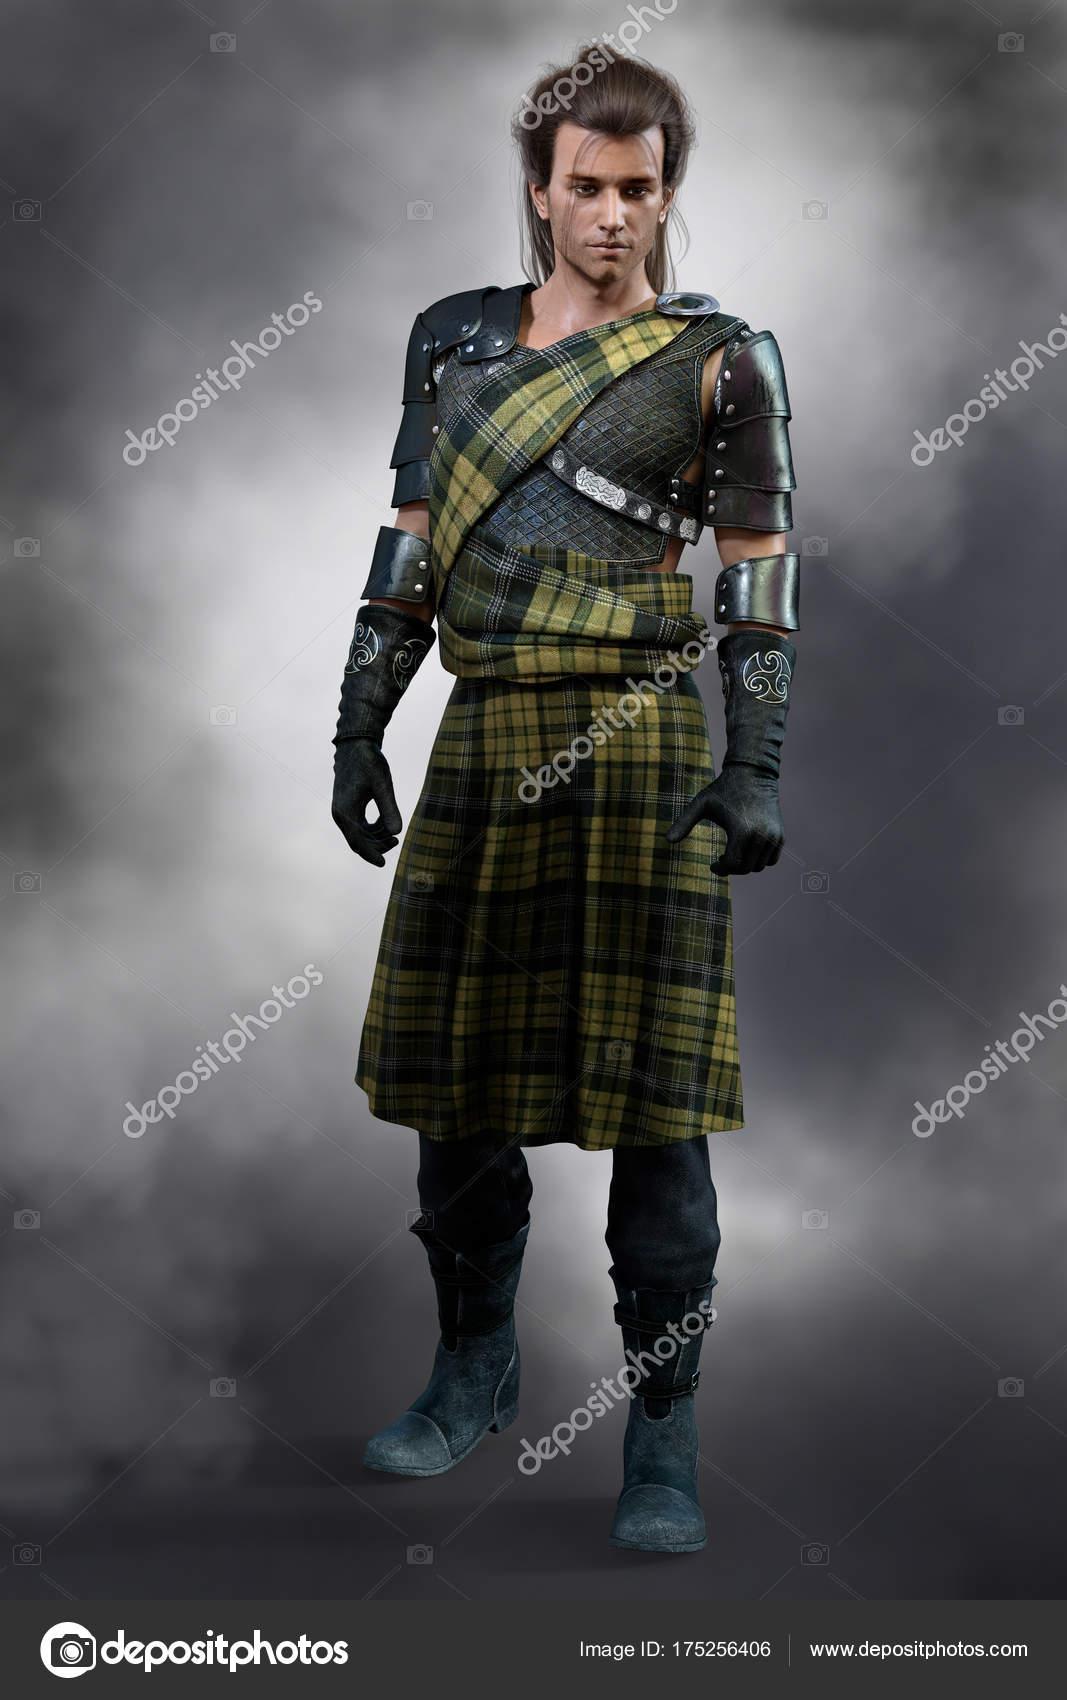 Traditionelle Schottische Romantik Highland Krieger Grünen Tartan Kilt Mit  Lederrüstung — Stockfoto